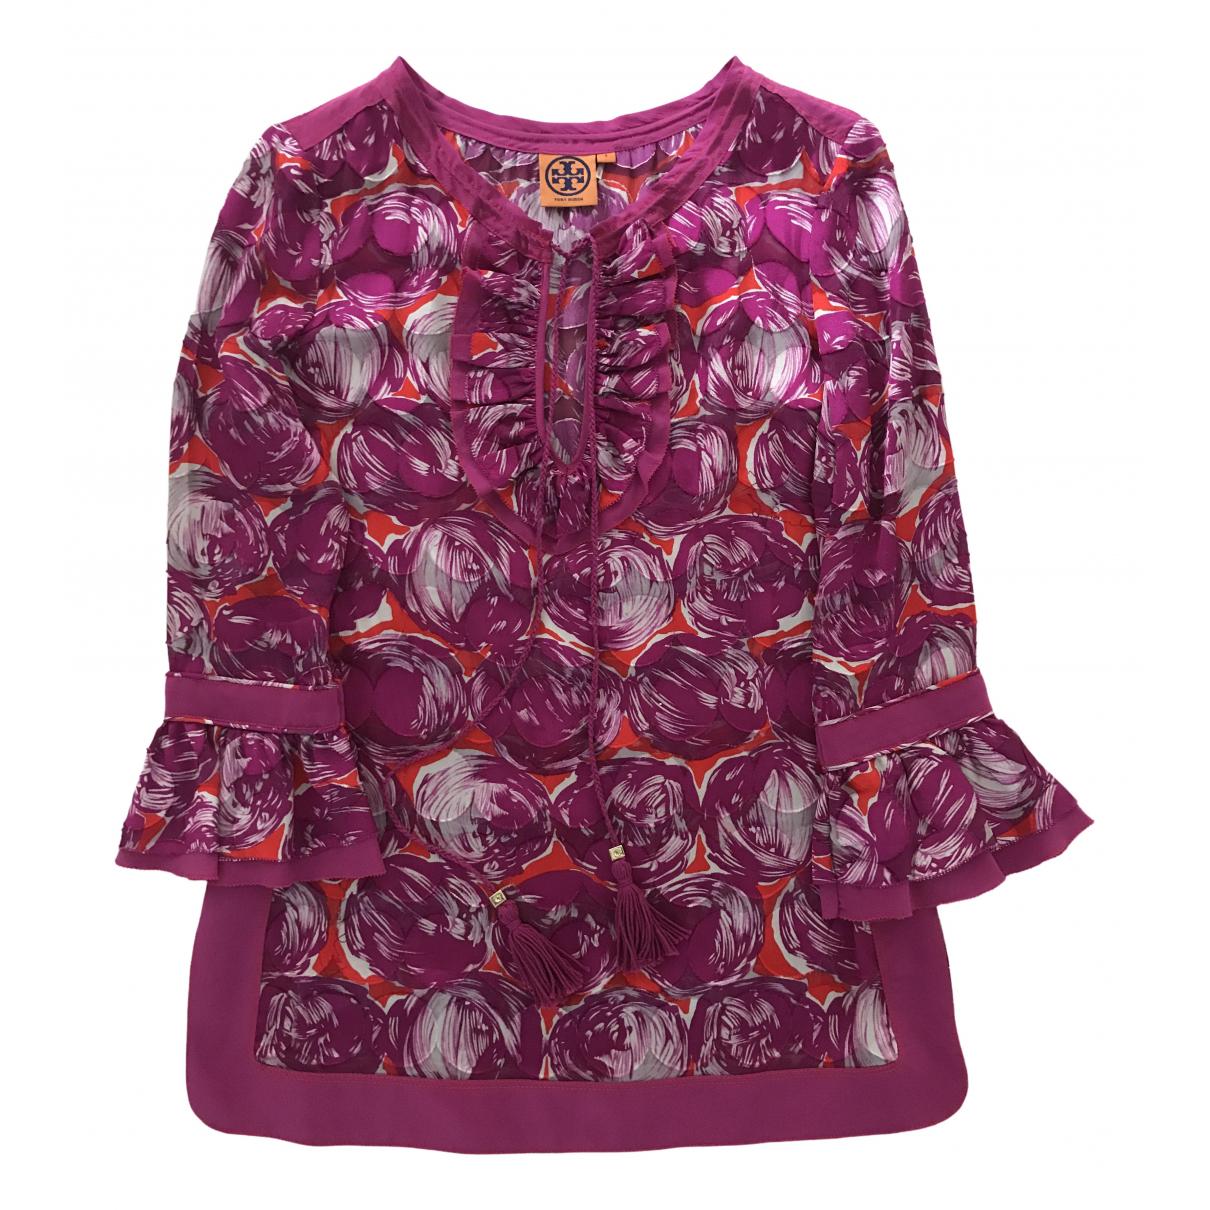 Tory Burch - Top   pour femme en soie - violet